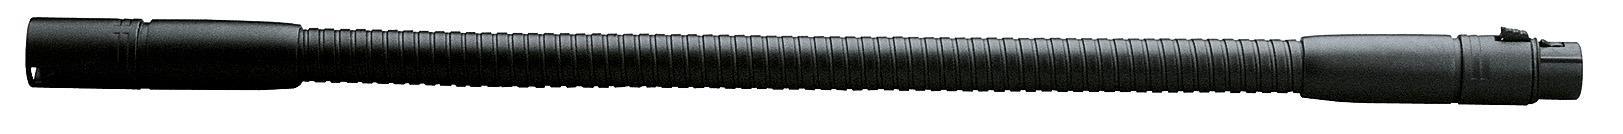 König & Meyer 230/4 Schwanenhals - schwarz